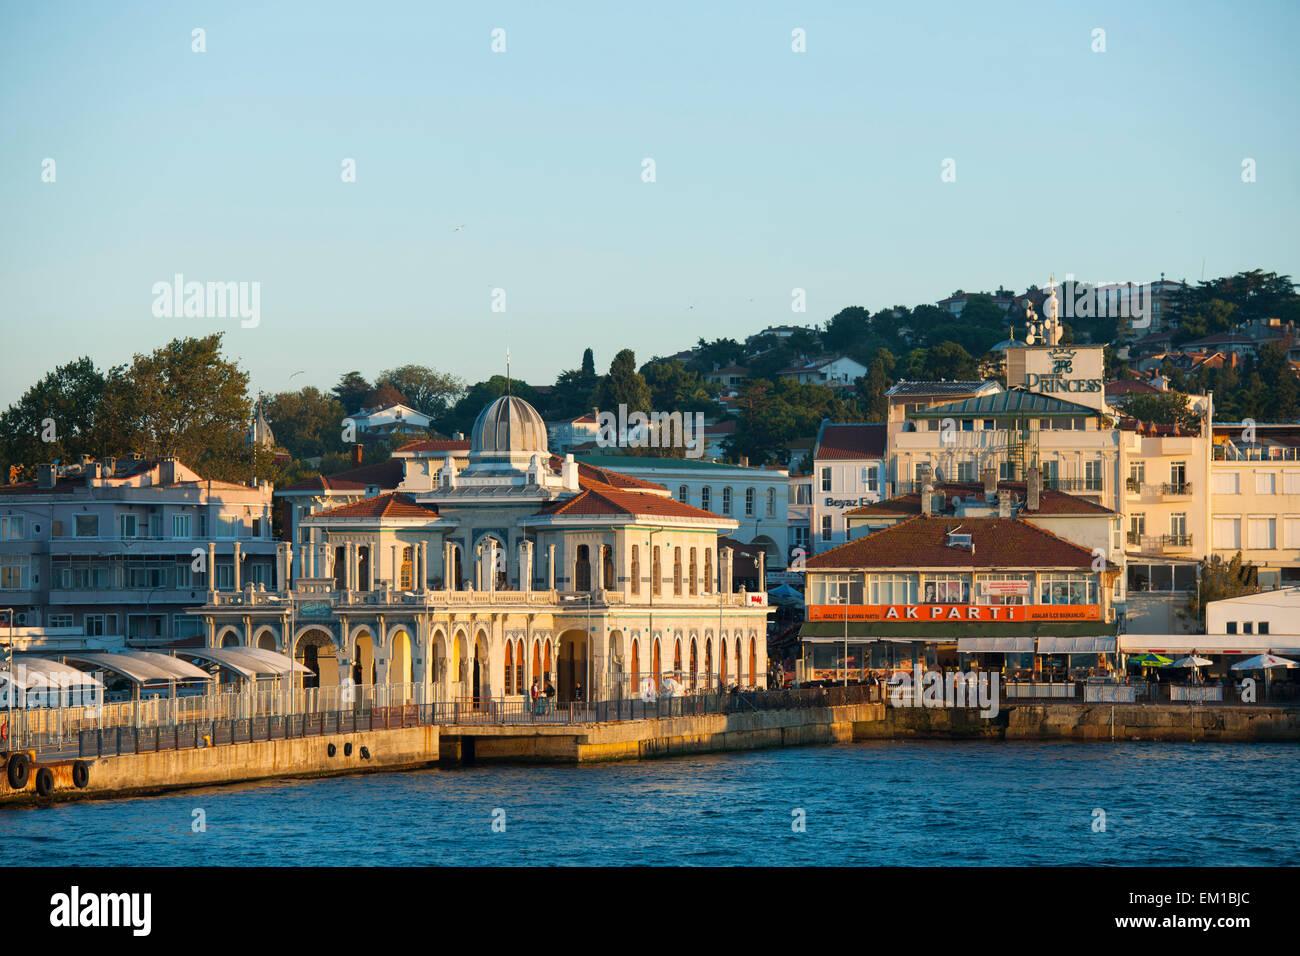 Türkei, Istanbul, Prinzeninseln (türk. Adalar) im Marmarameer, Büyükada, Fähranleger (ferry - Stock Image